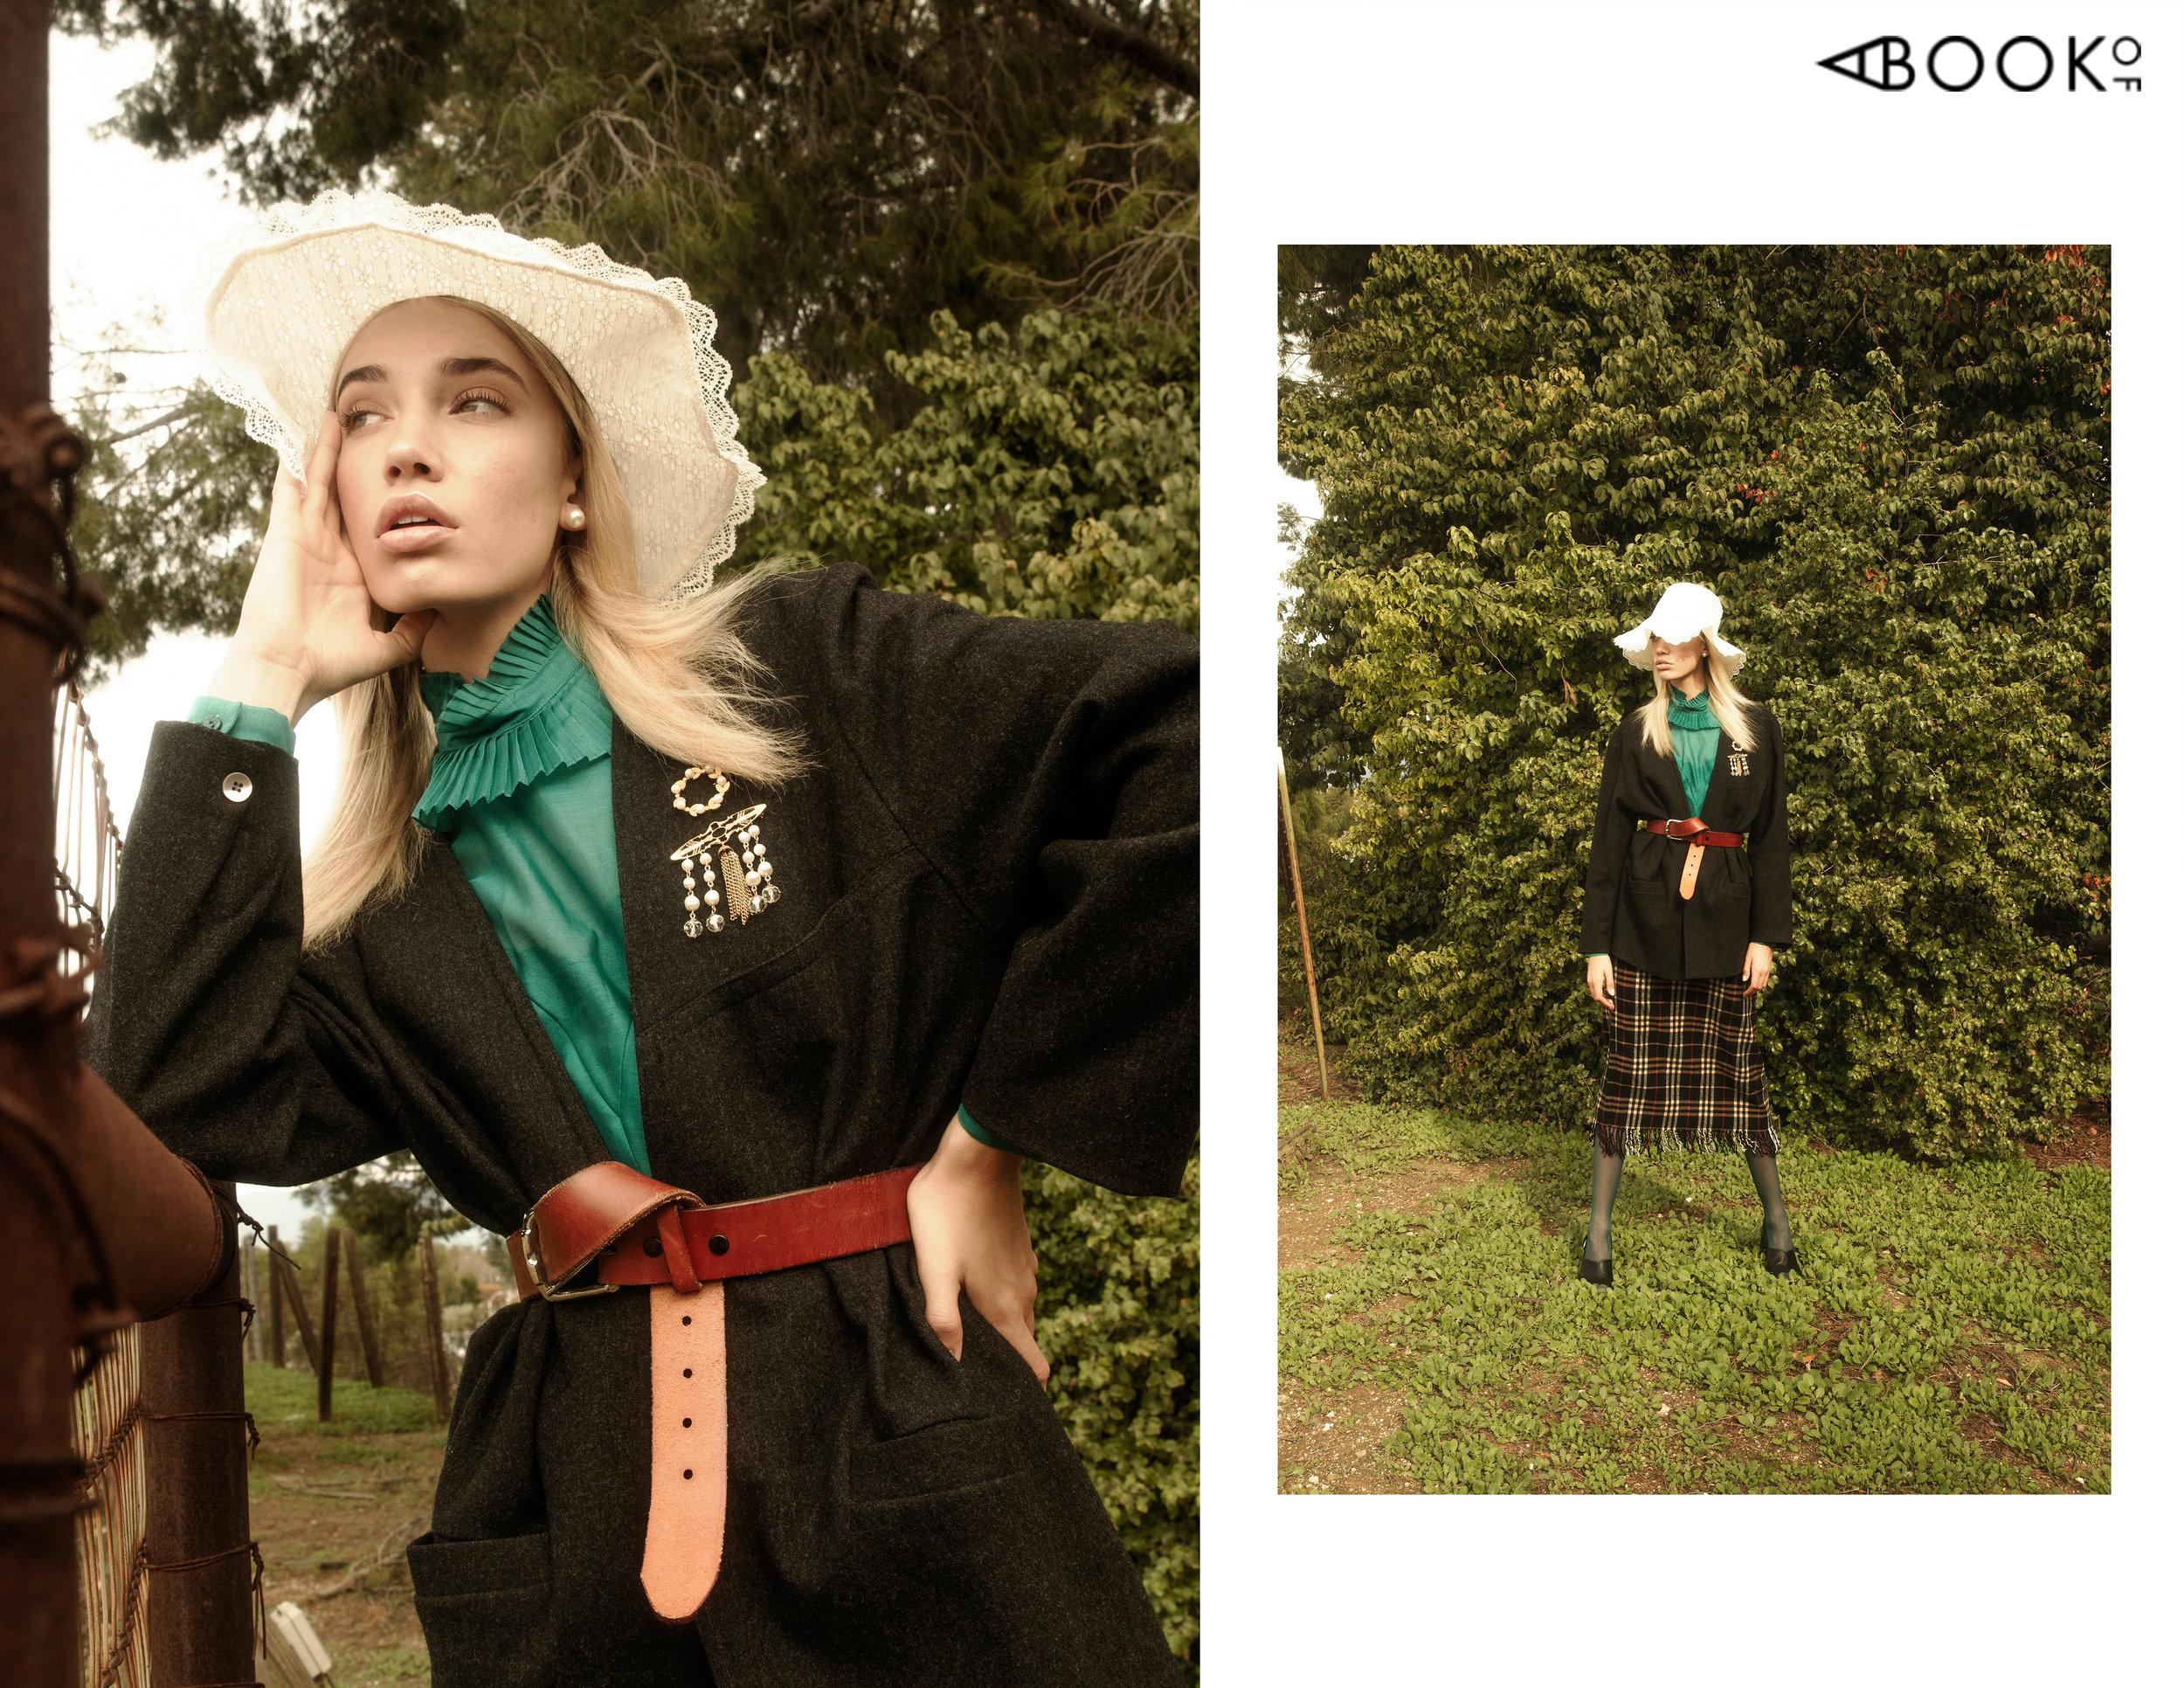 Blouse: Vintage, Blazer: Vintage, Hat: Vintage, Skirt: Vintage, Shoes: Marc Fisher LTD